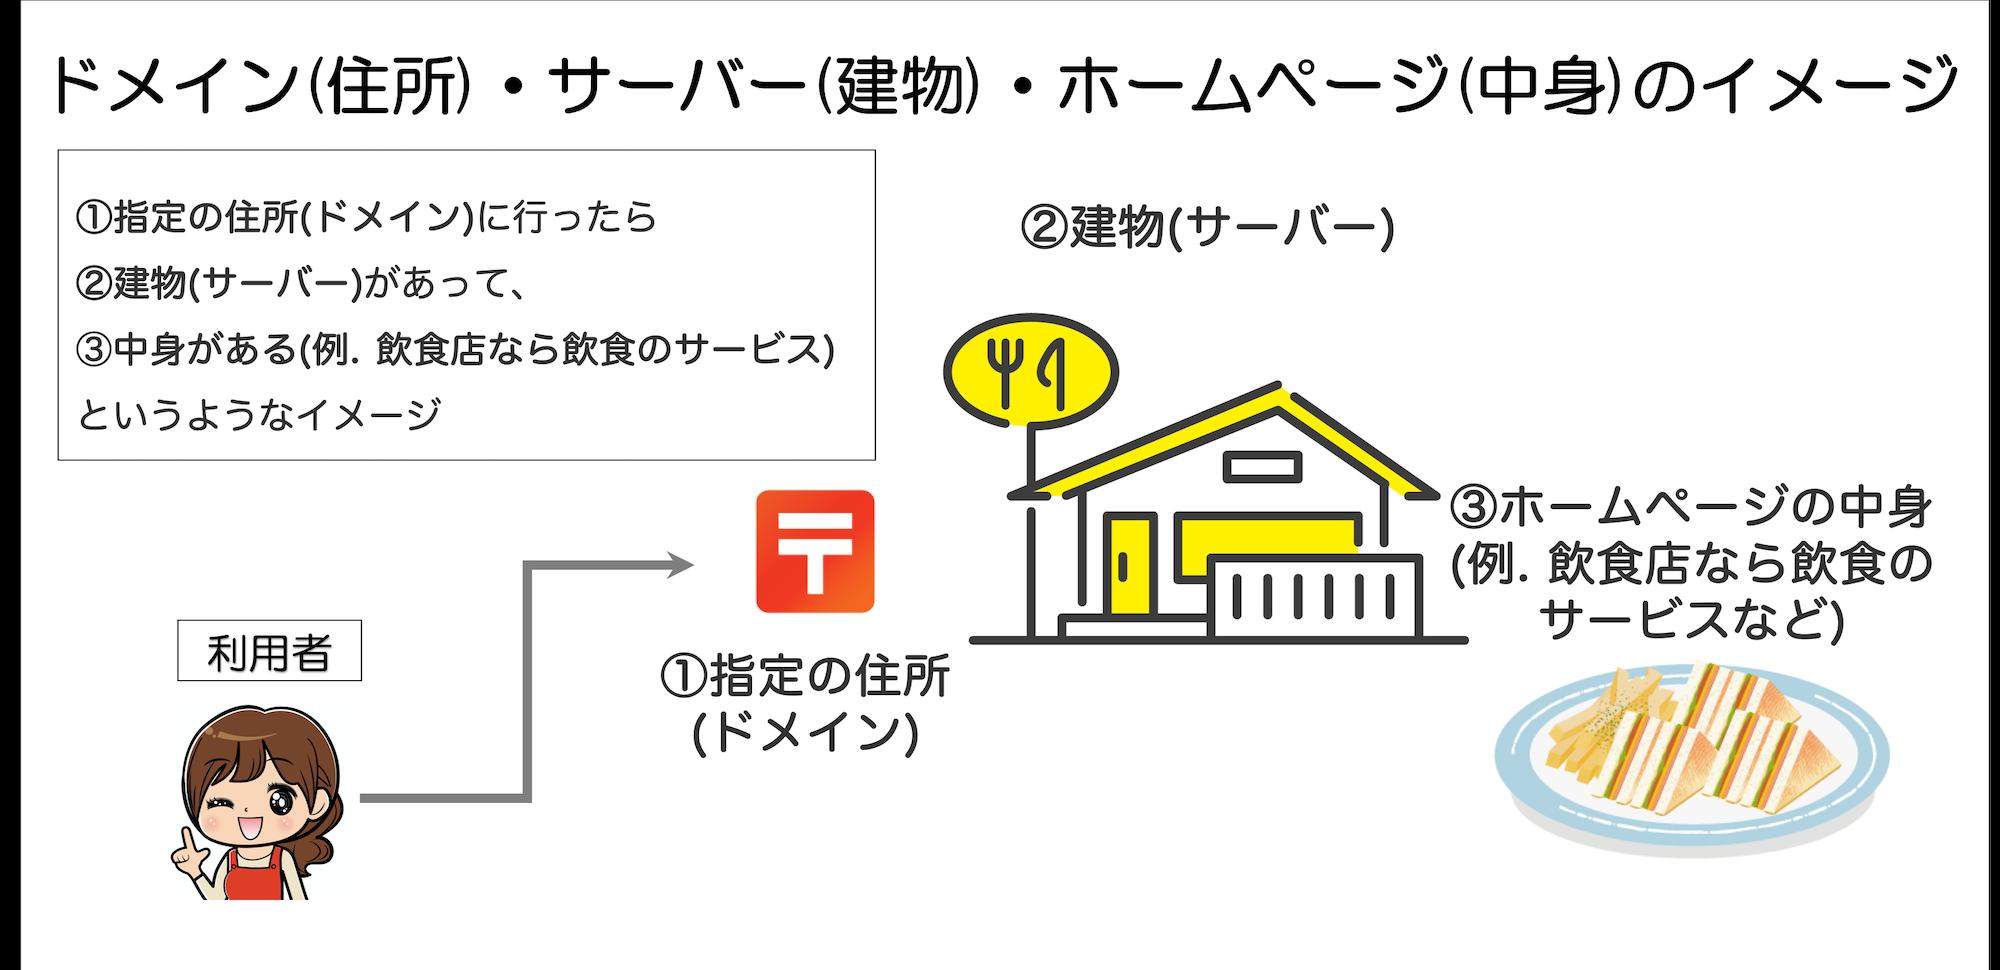 ドメイン(住所)・サーバー(建物)・ホームページ(中身)のイメージ